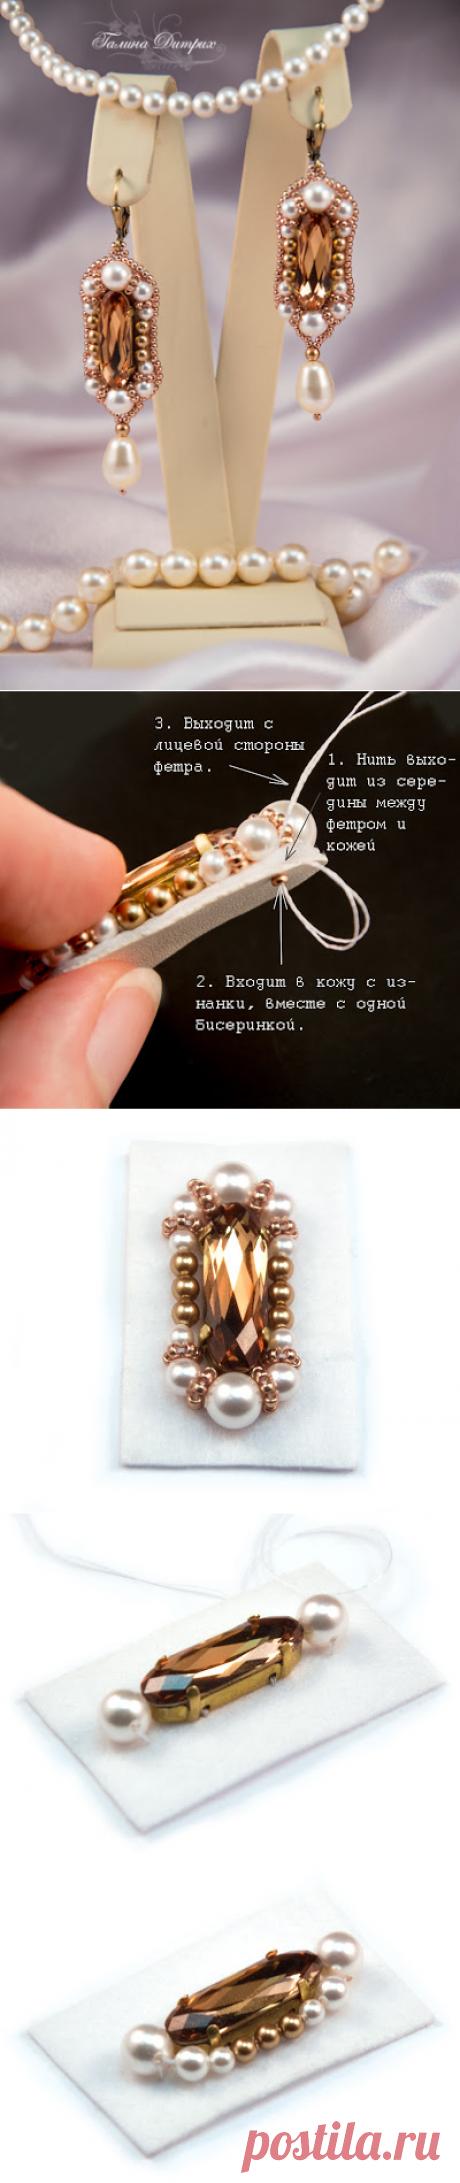 """Galina Dietrih: Мастер-класс по вышивке бисером: серьги """"Версаль"""""""